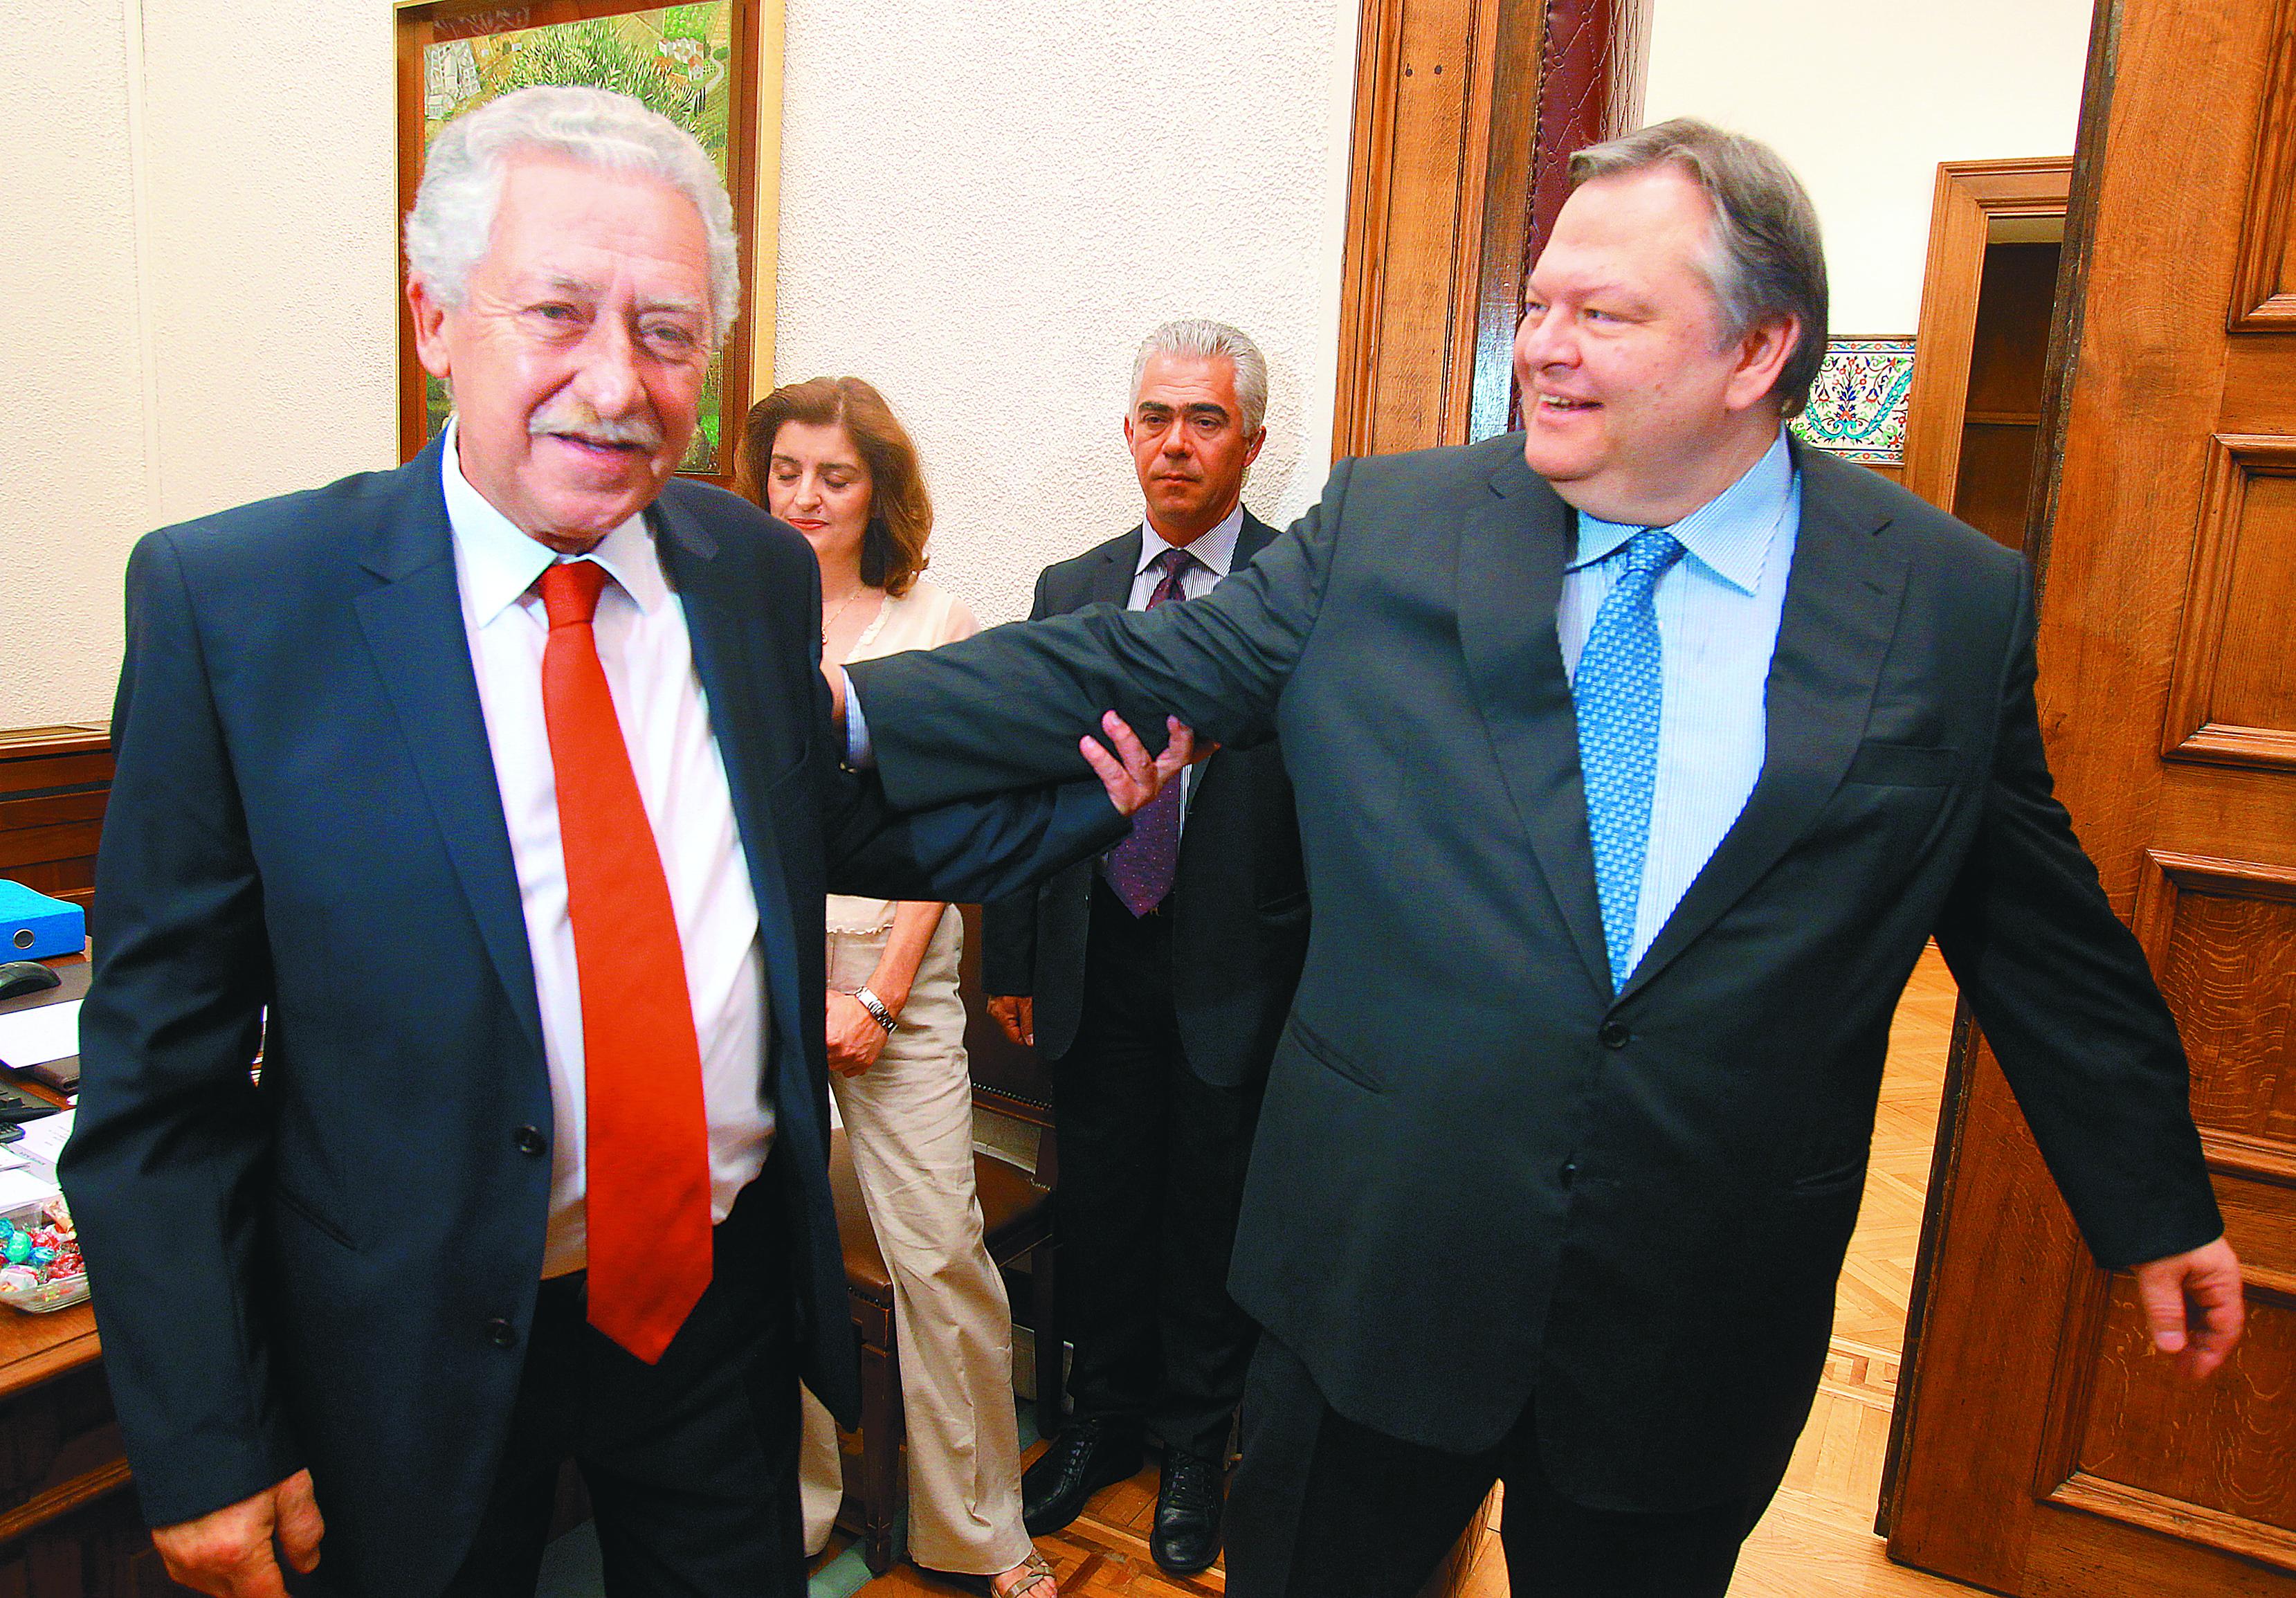 Φώτης Κουβέλης: «Ανταλλάξαμε με τον κ. Βενιζέλο απόψεις για όλα τα ενδεχόμενα» | tovima.gr